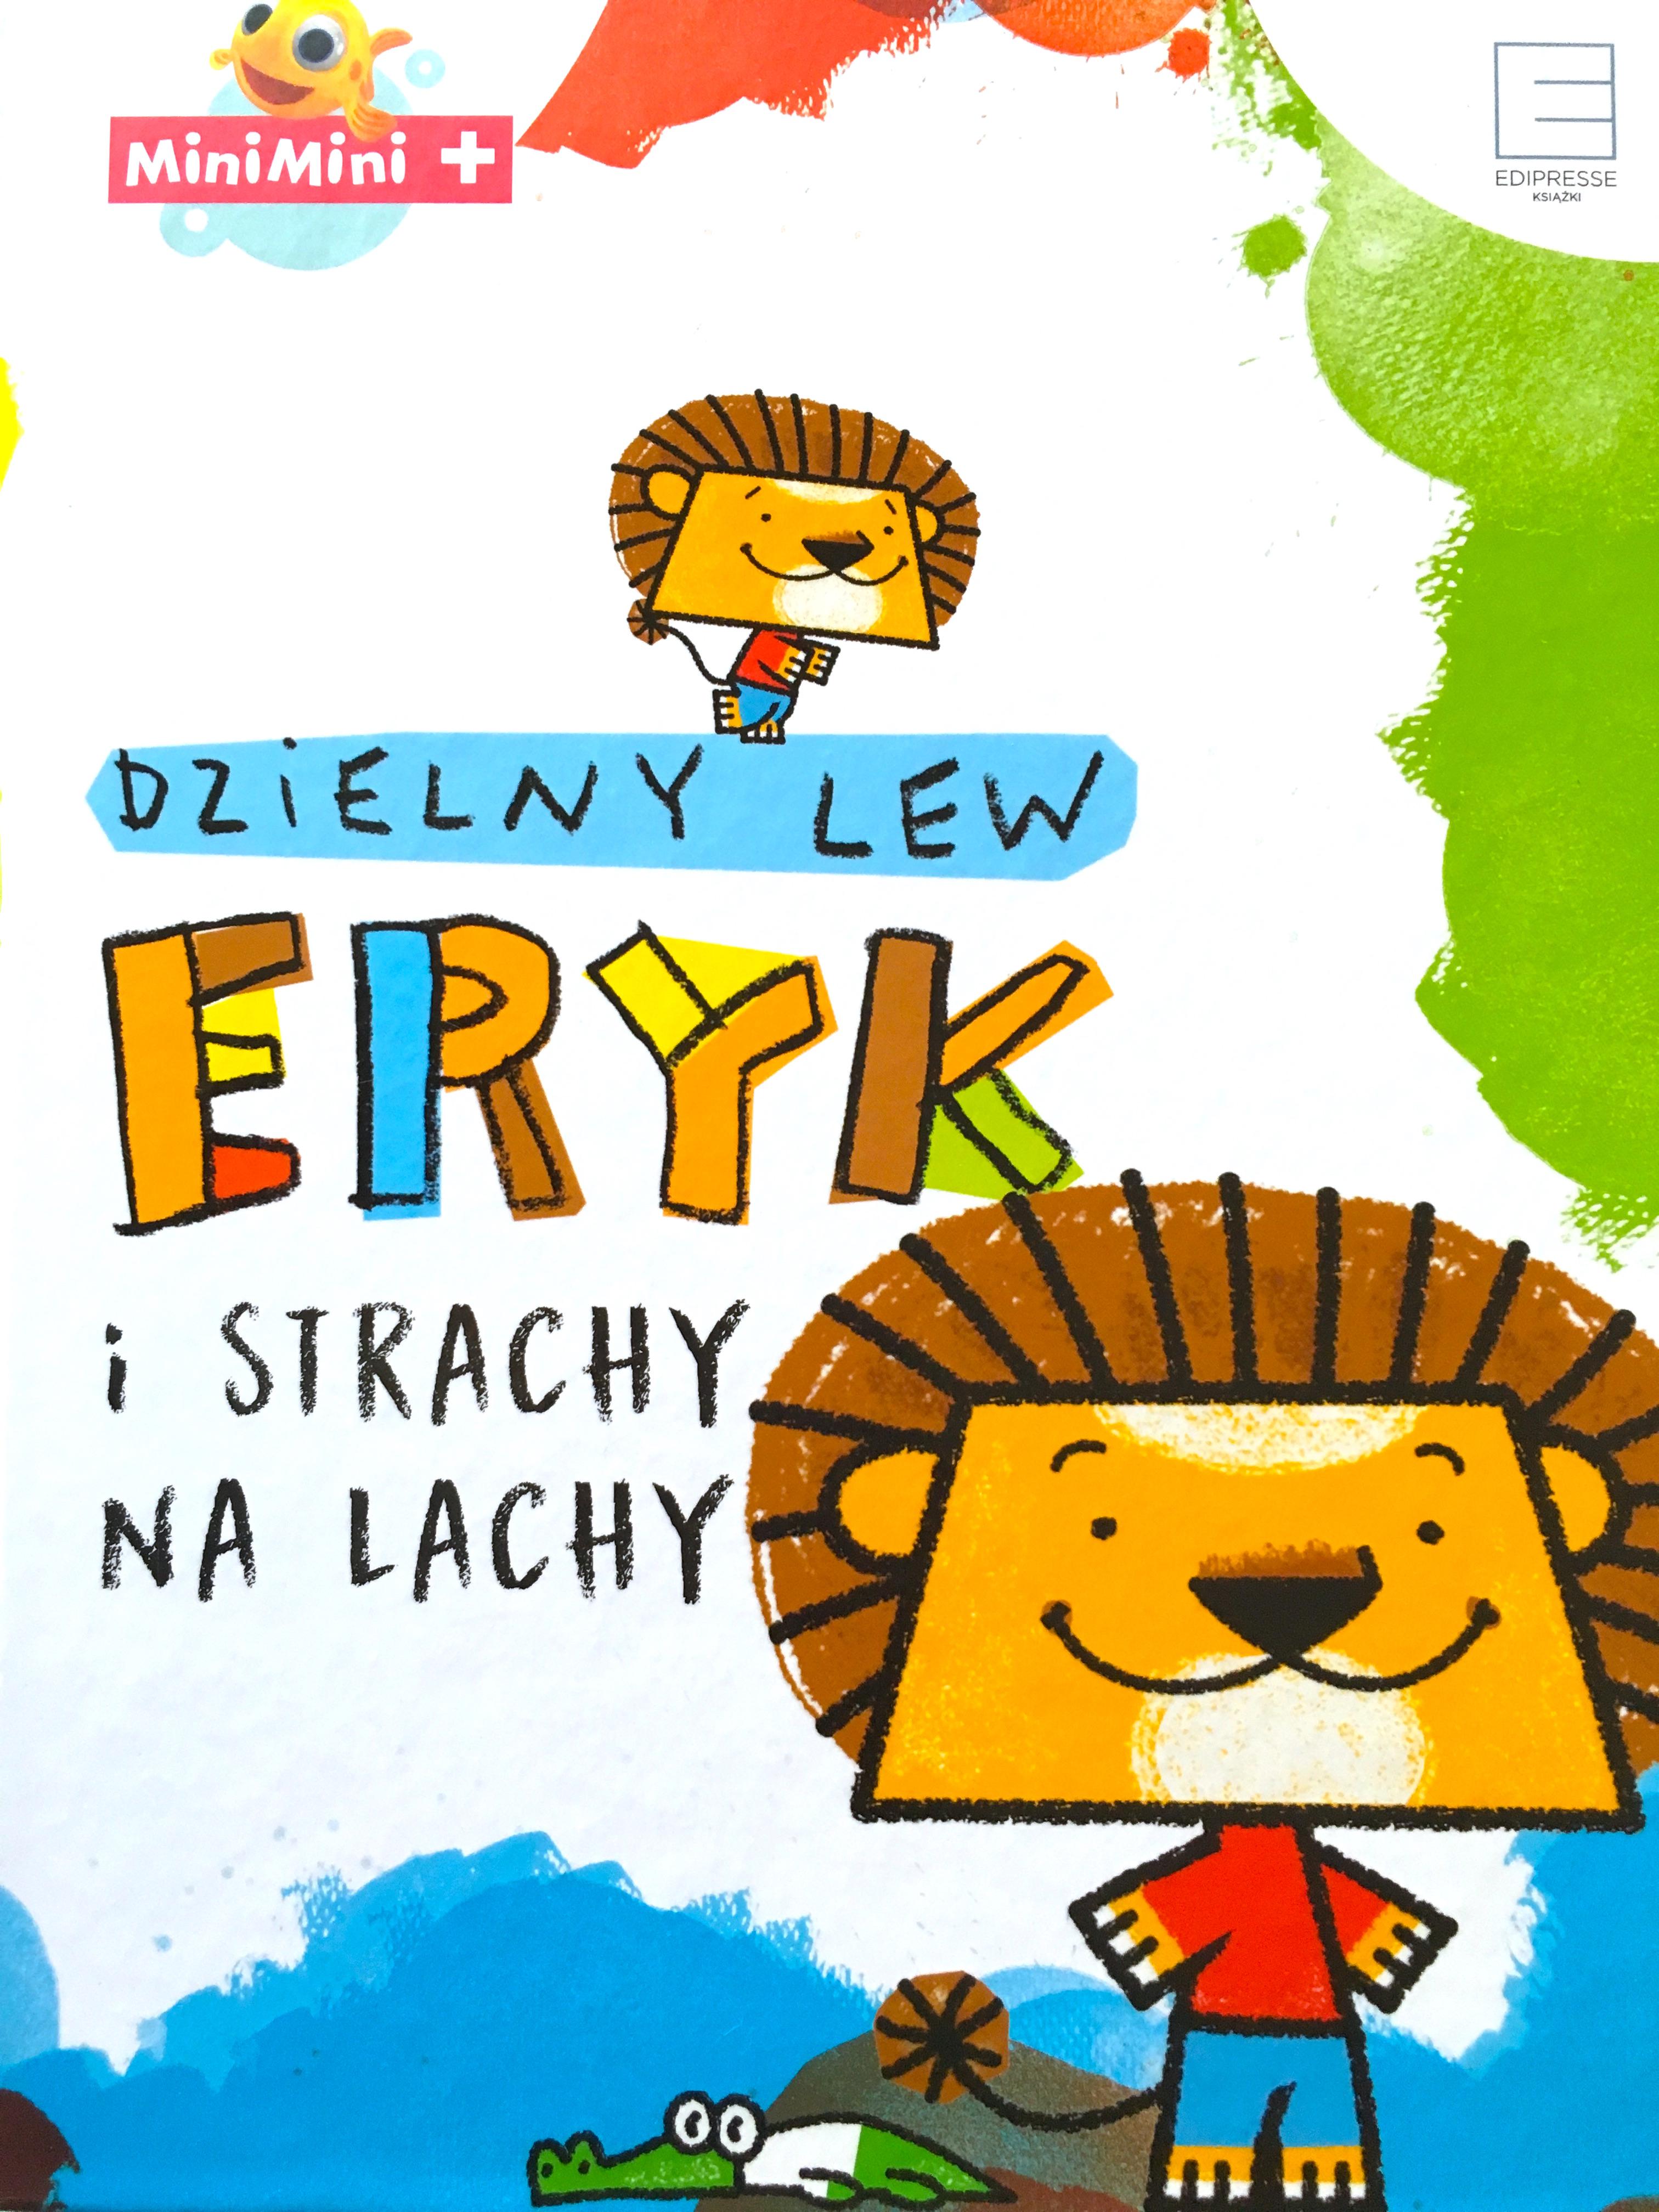 Dzielny lew Eryk i strachy na lachy